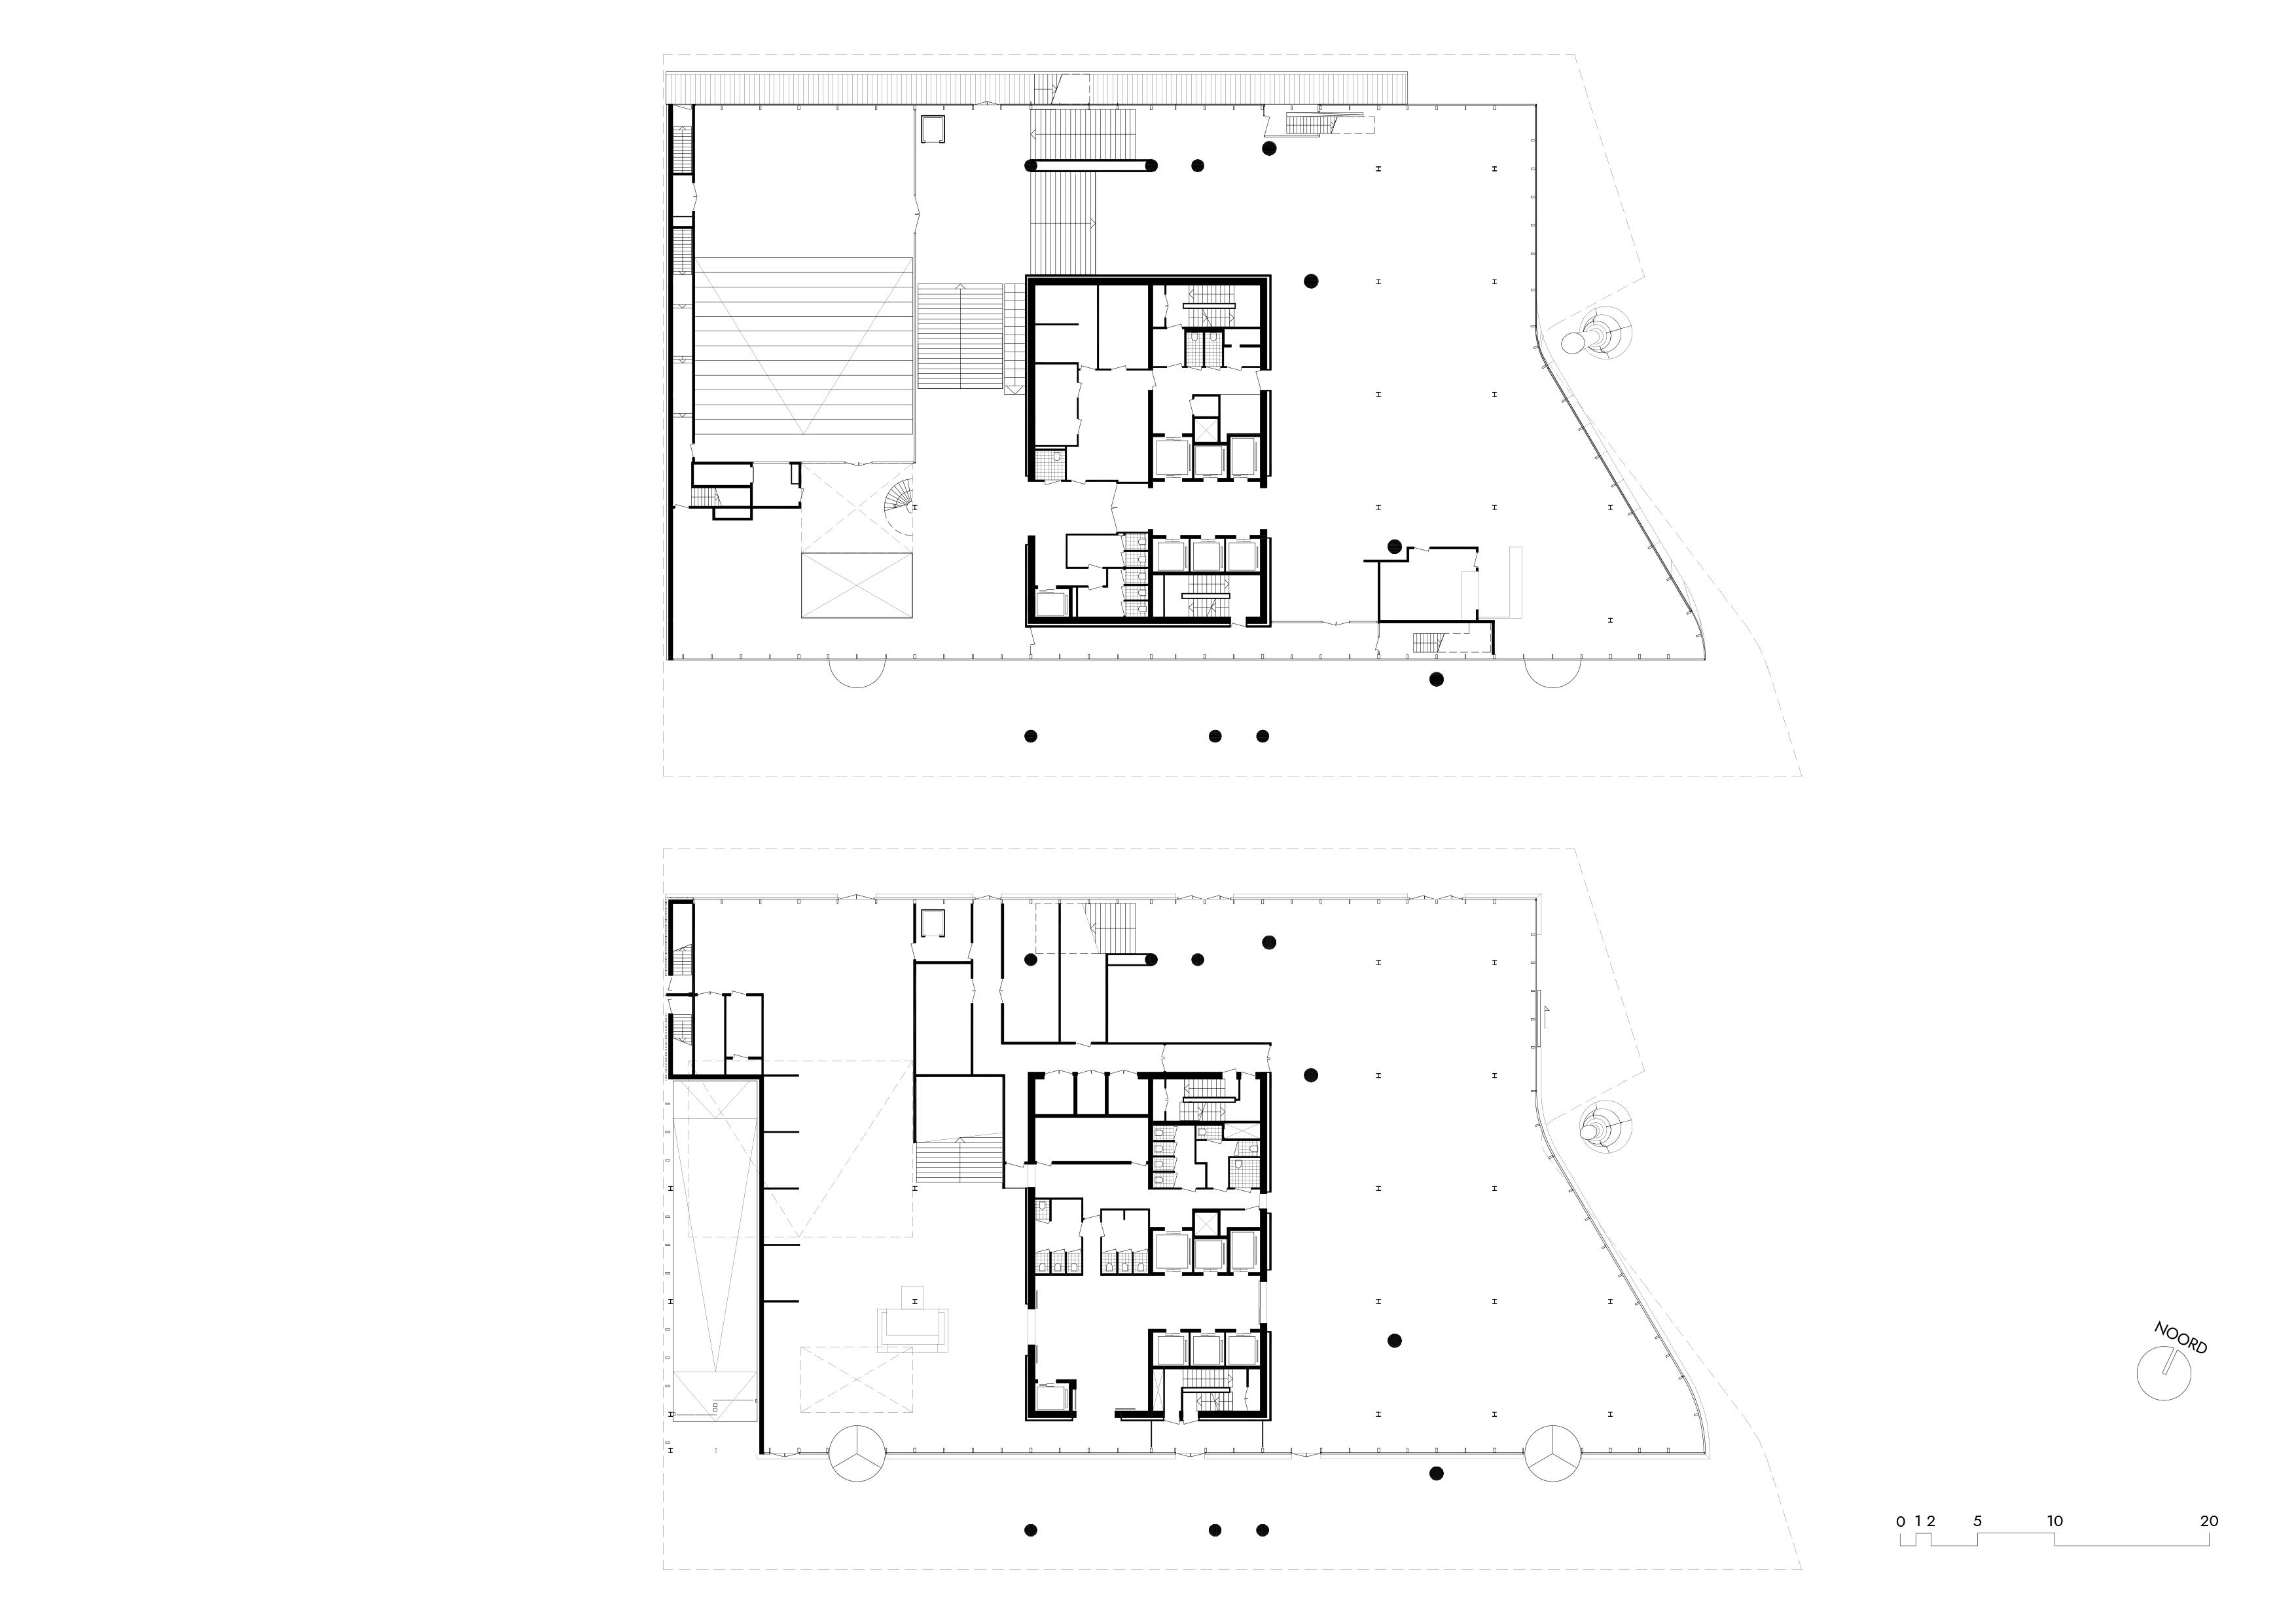 <p>KPN hoofdkantoor &#8211; bgg en 1e verdieping</p>